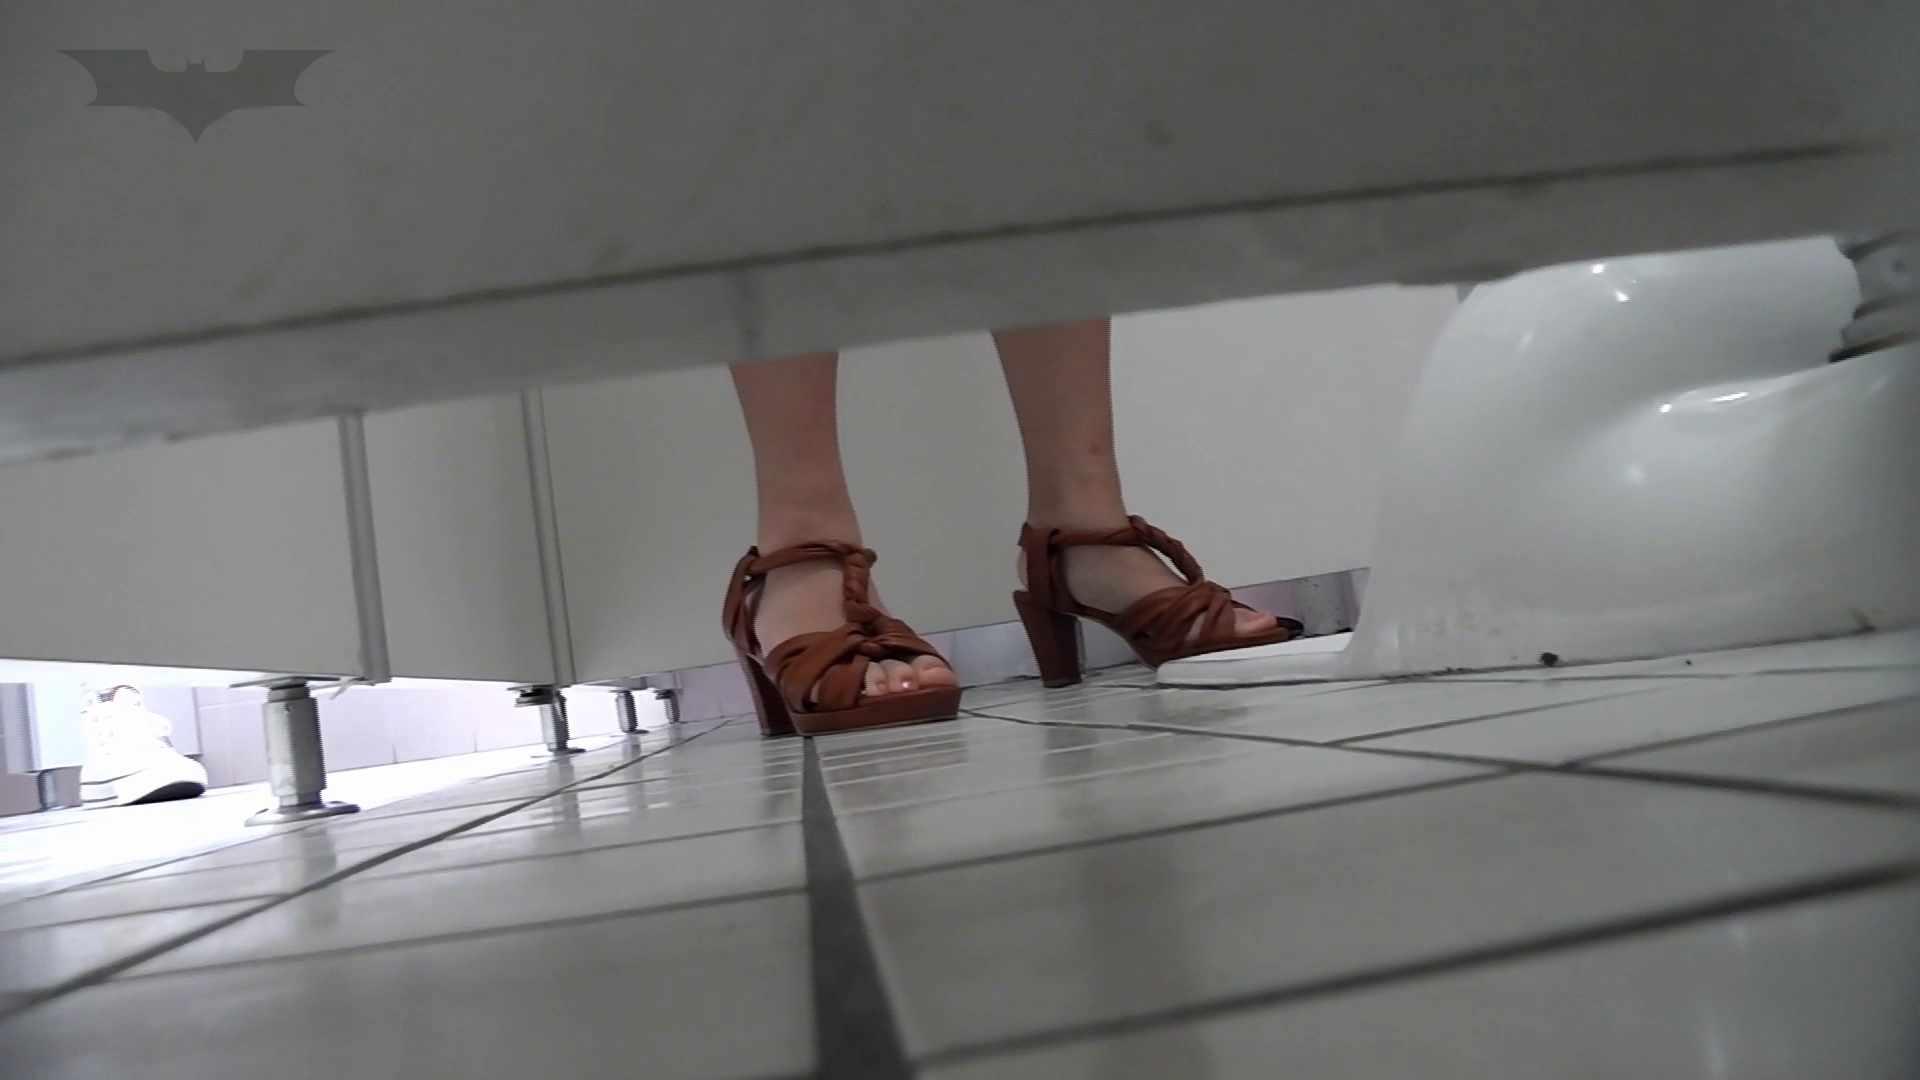 美しい日本の未来 No.34 緊迫!予告モデル撮ろうとしたら清掃員に遭遇 高画質動画  108画像 108